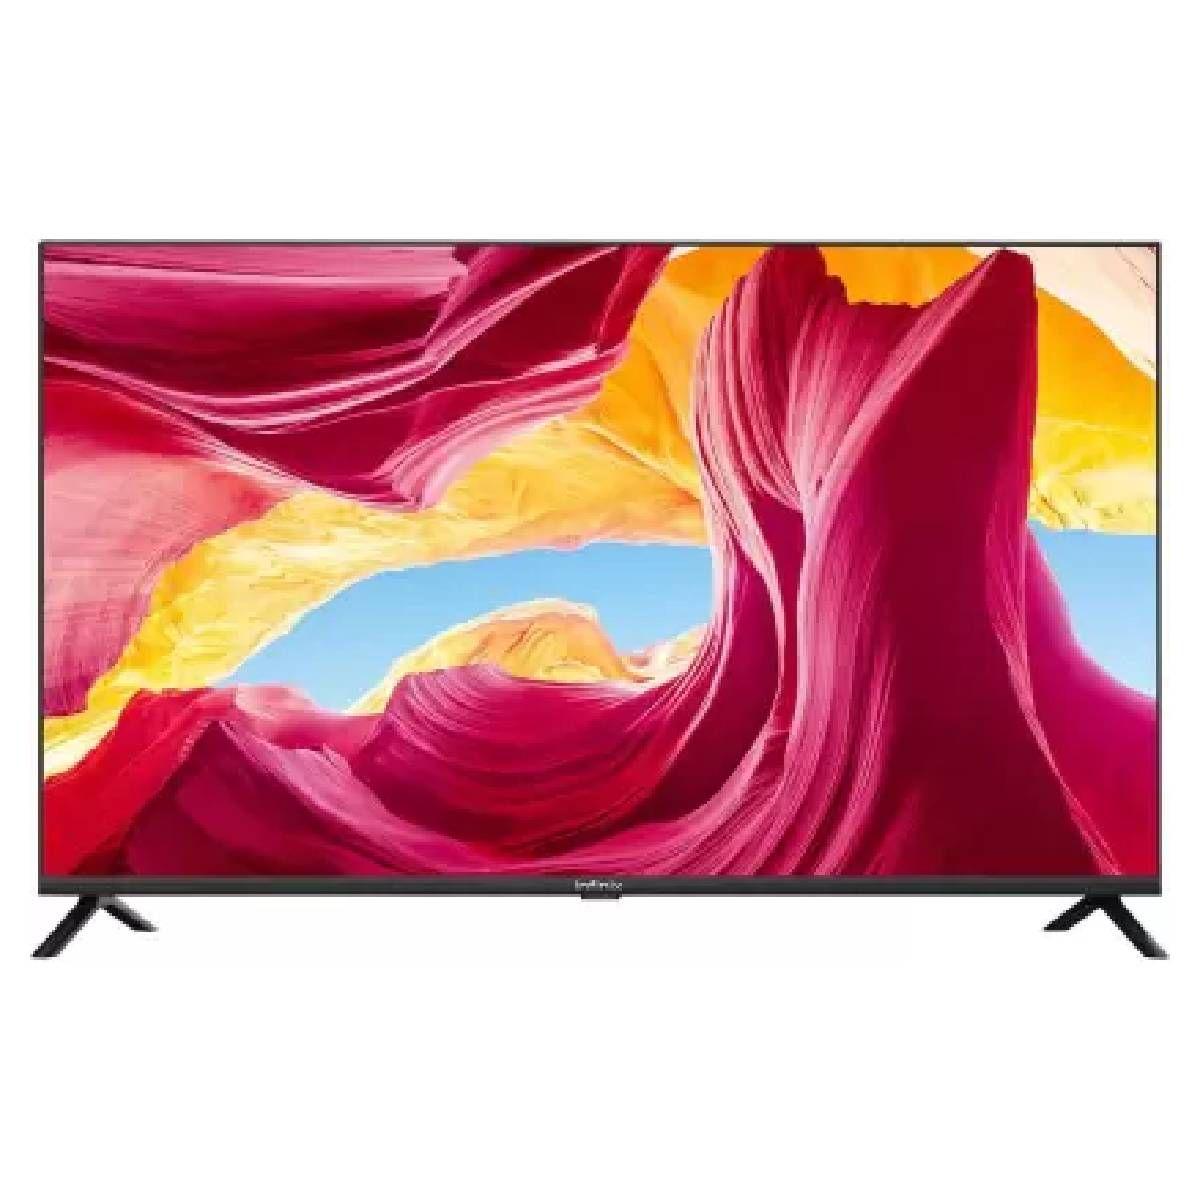 ಇನ್ಫಿನಿಕ್ಸ್ 32 ಇಂಚು HD Ready LED Smart TV (32X1)